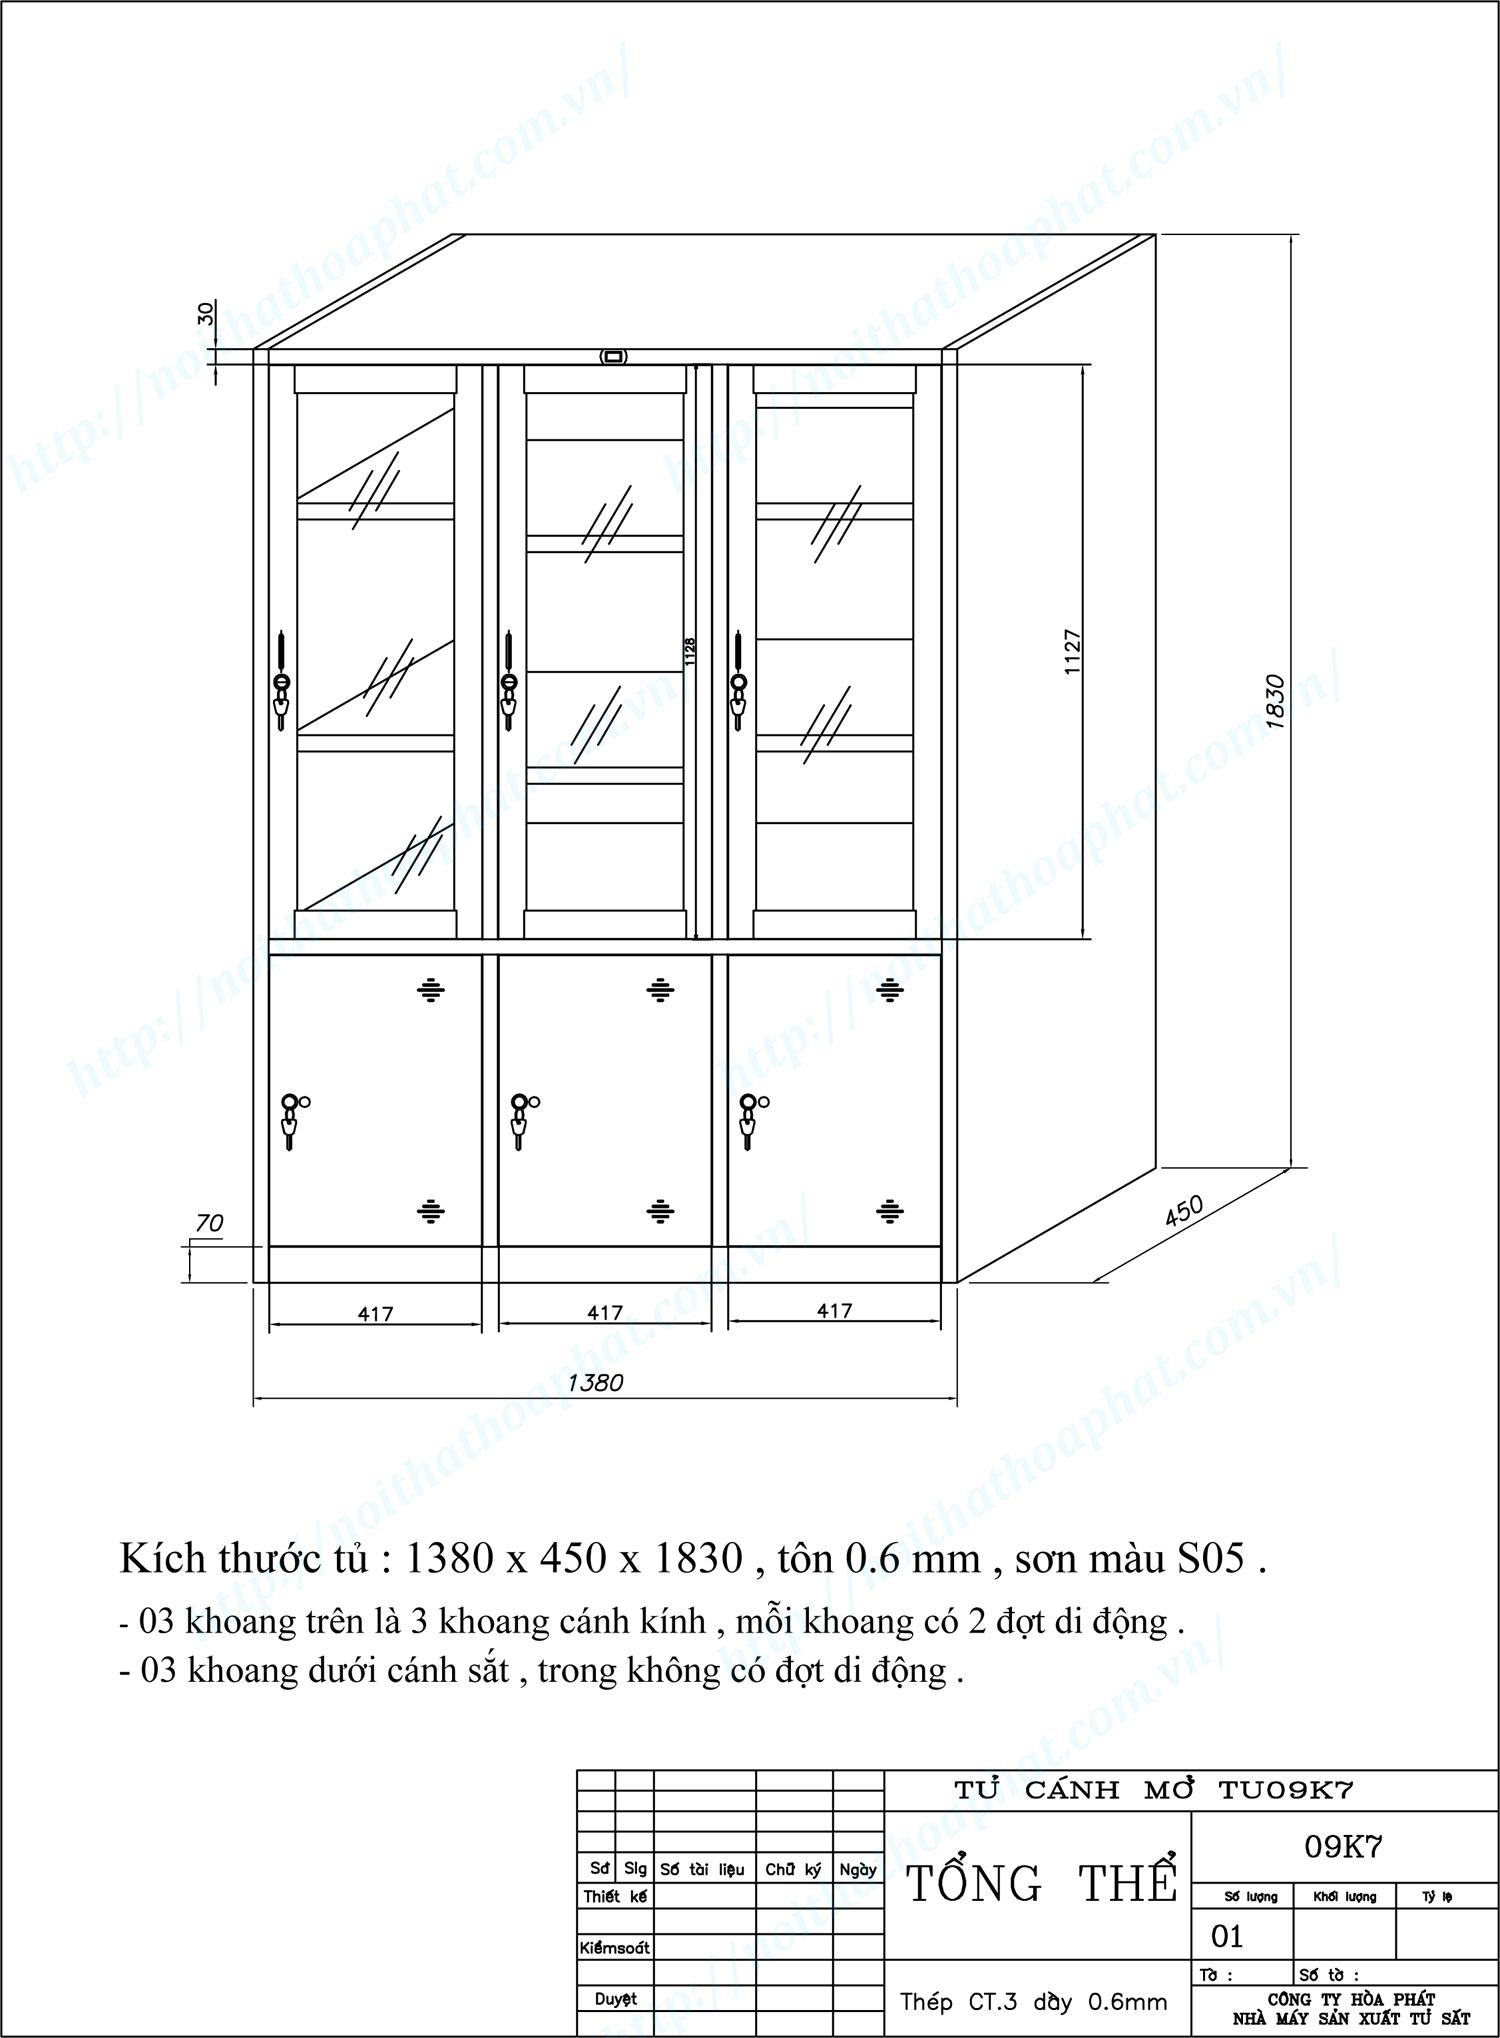 Bản vẽ kỹ thuật thiết kế tủ sắt sơn tĩnh điện 6 khoang TU09K7CK